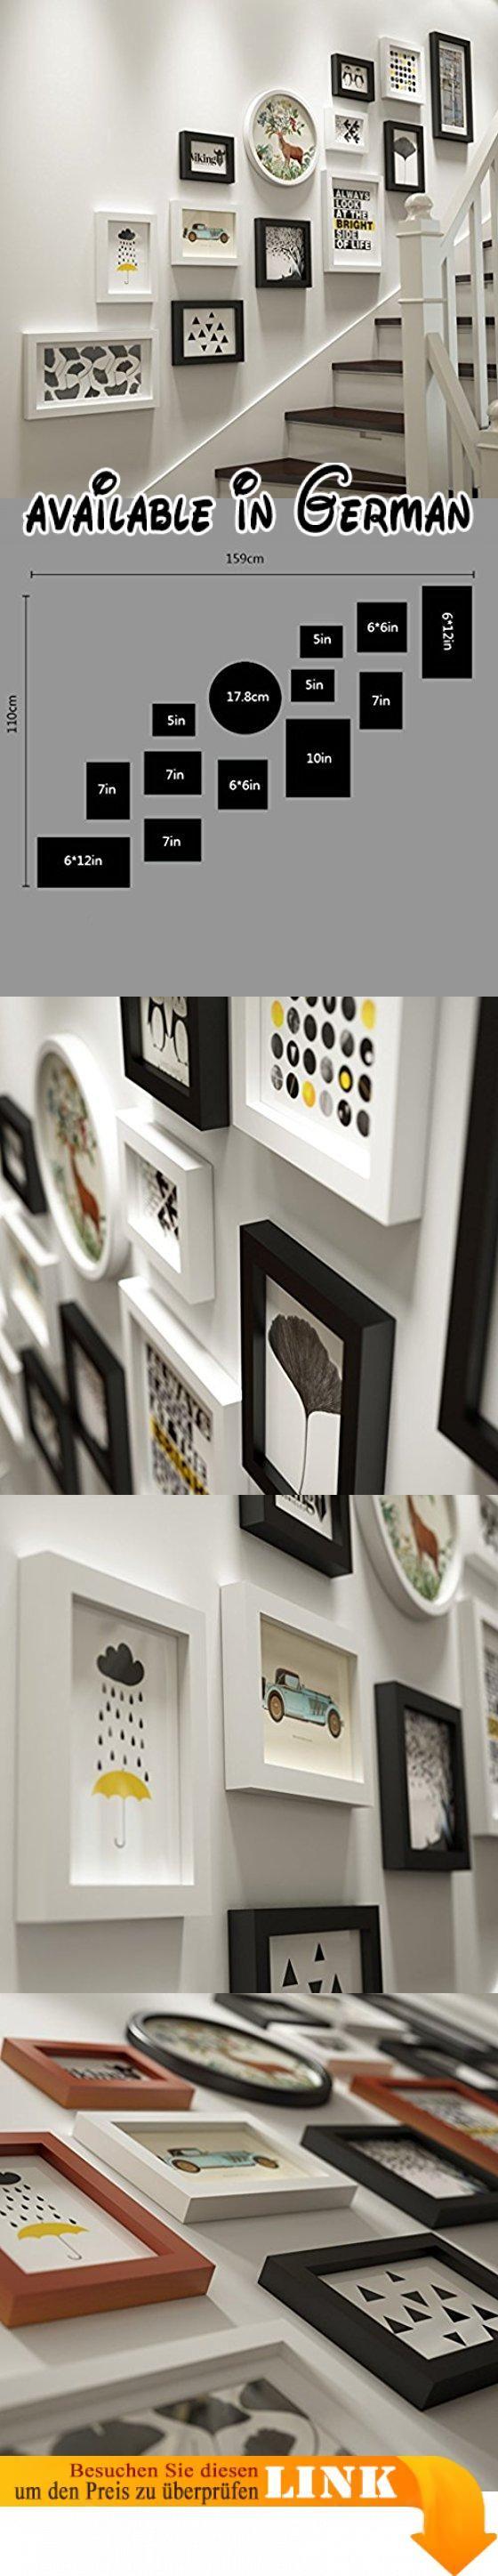 U0026 Wandmontage Design Moderne Massivholz Bilderrahmen Wand Sets Von 13,  Hängen Bilderrahmen Wand Wohnzimmer Schlafzimmer Kombination Bilderrahmen  Wau2026